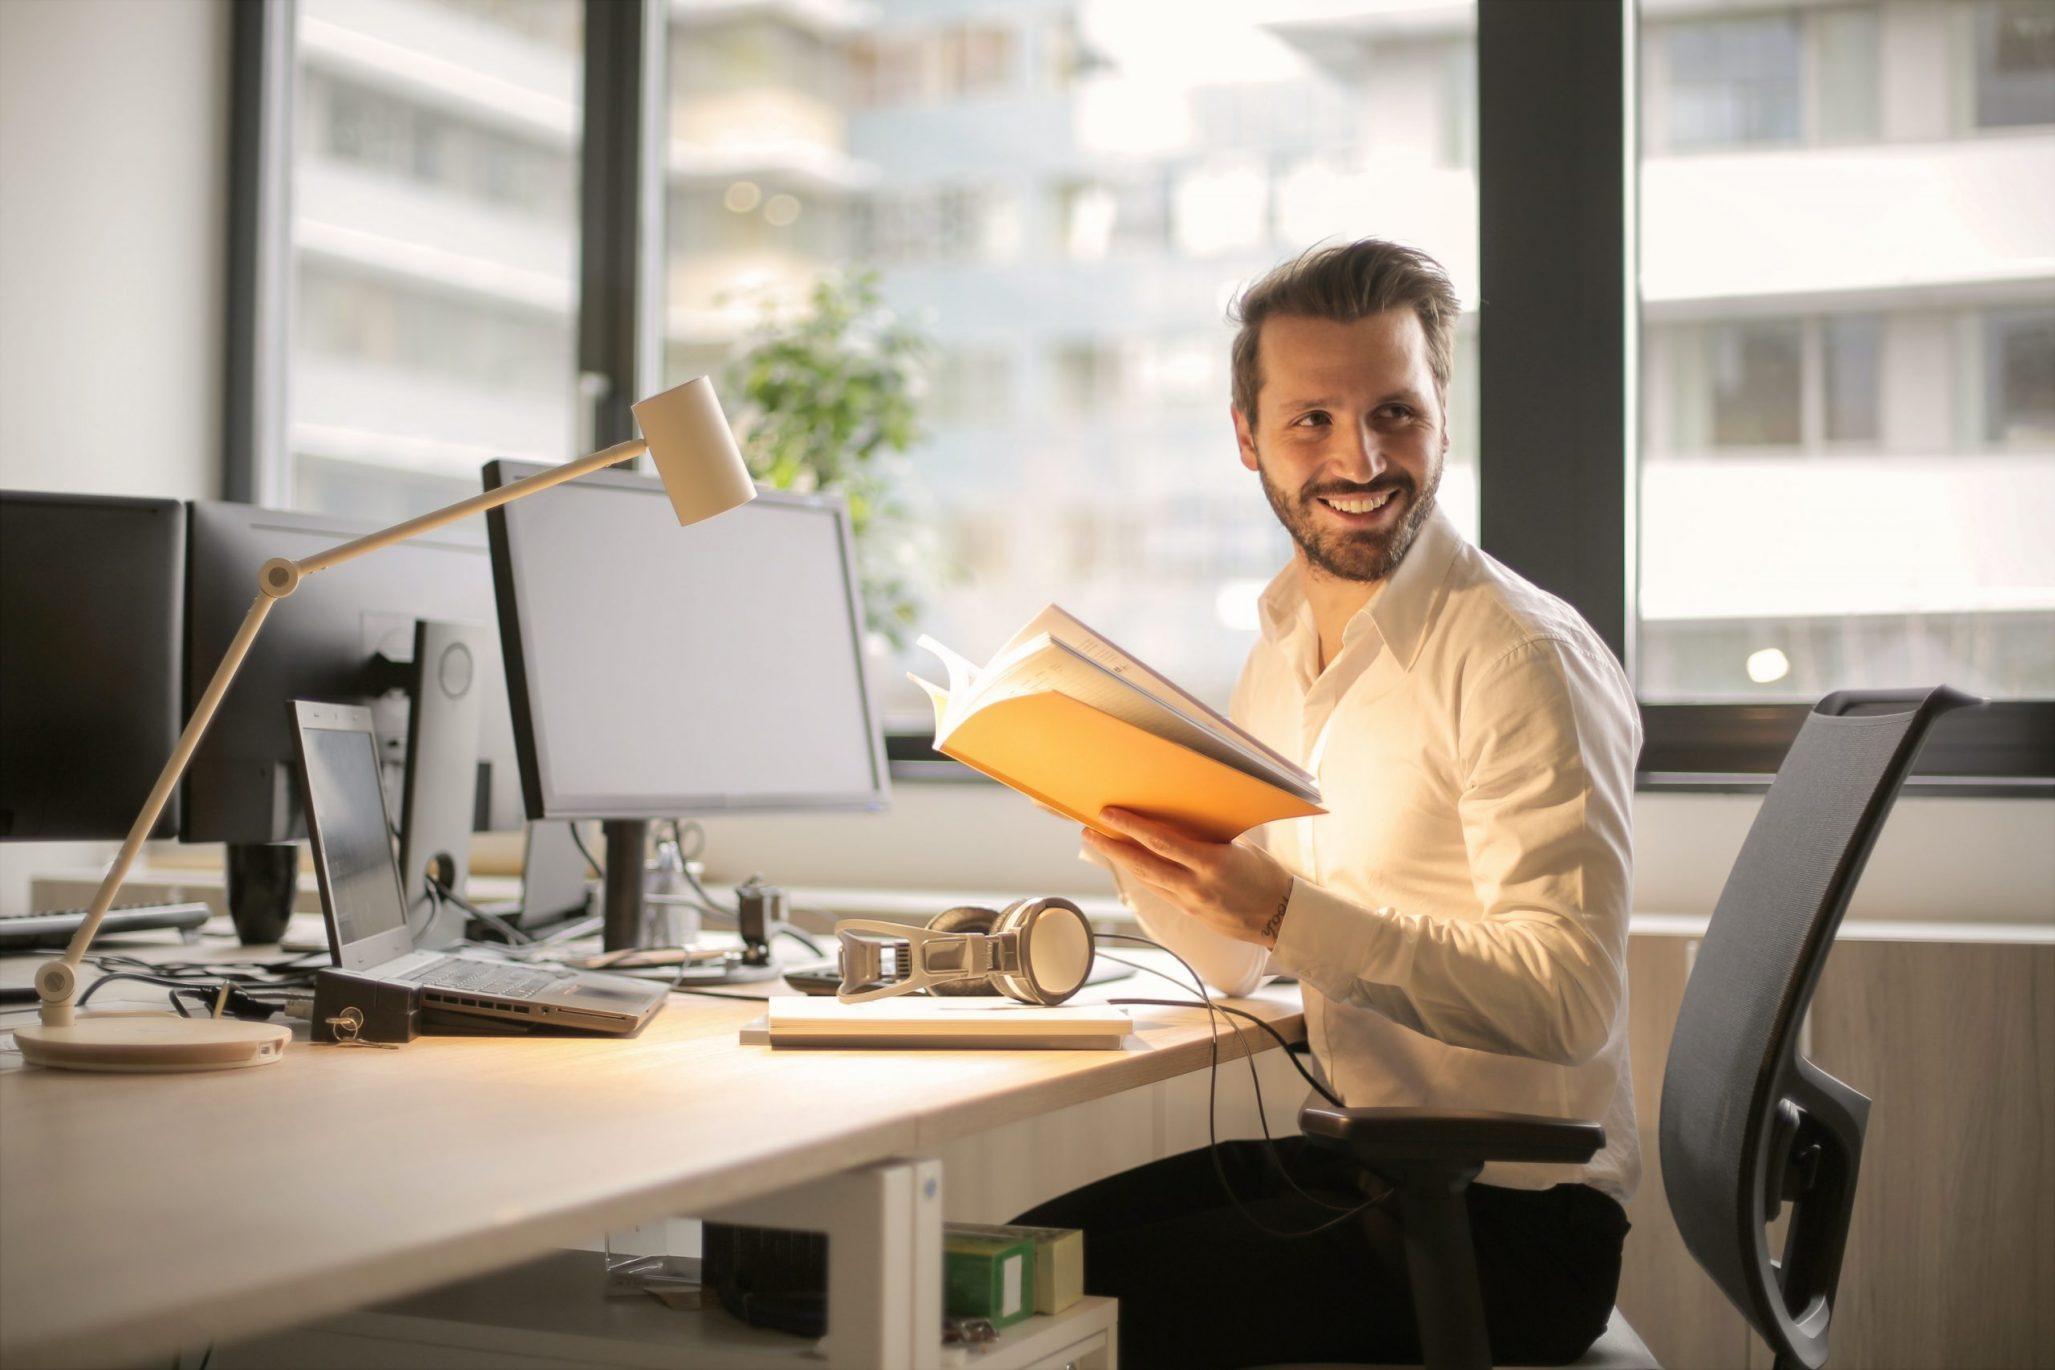 issukis-it-sektoriuje-stiprinti-darbuotoju-lojaluma